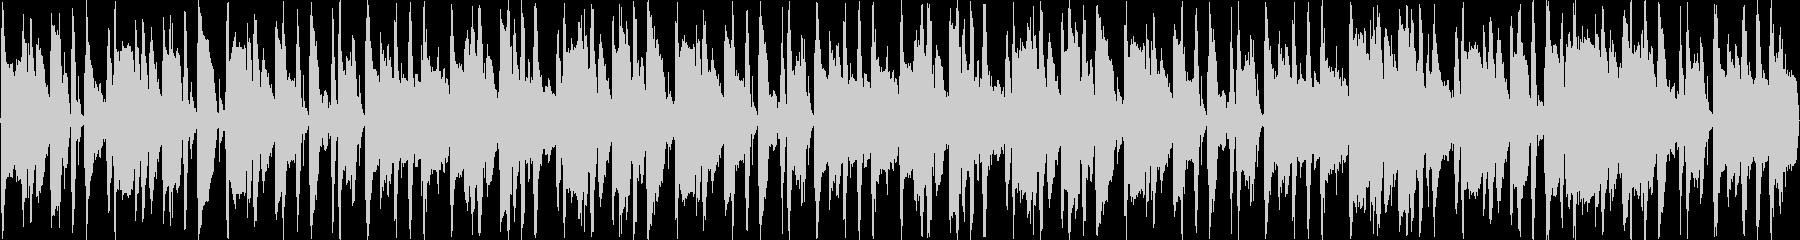 軽快なブラスサウンドのループBGMの未再生の波形